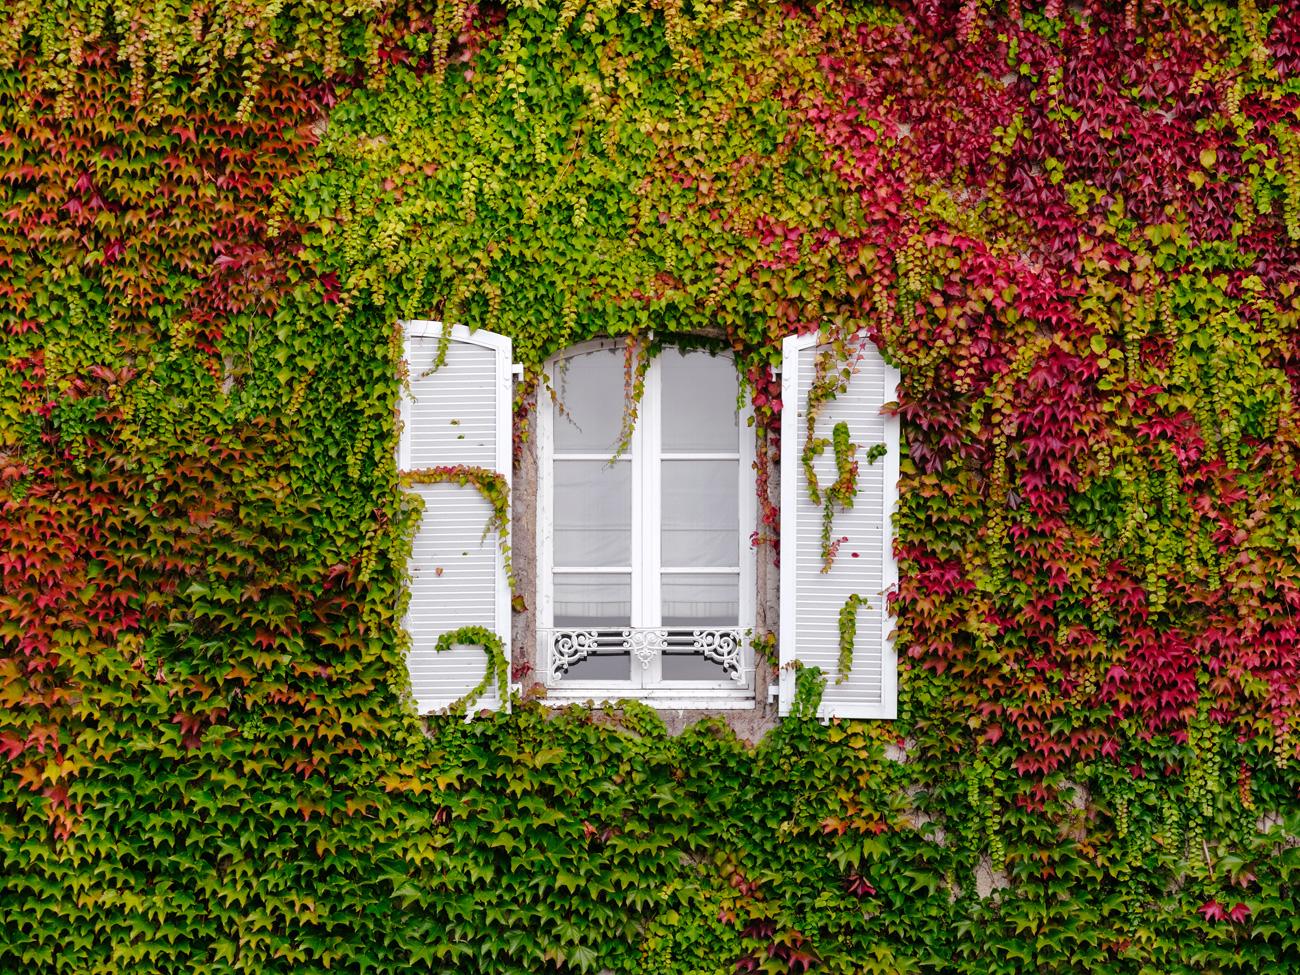 Fenêtre de maison entourée de lierre